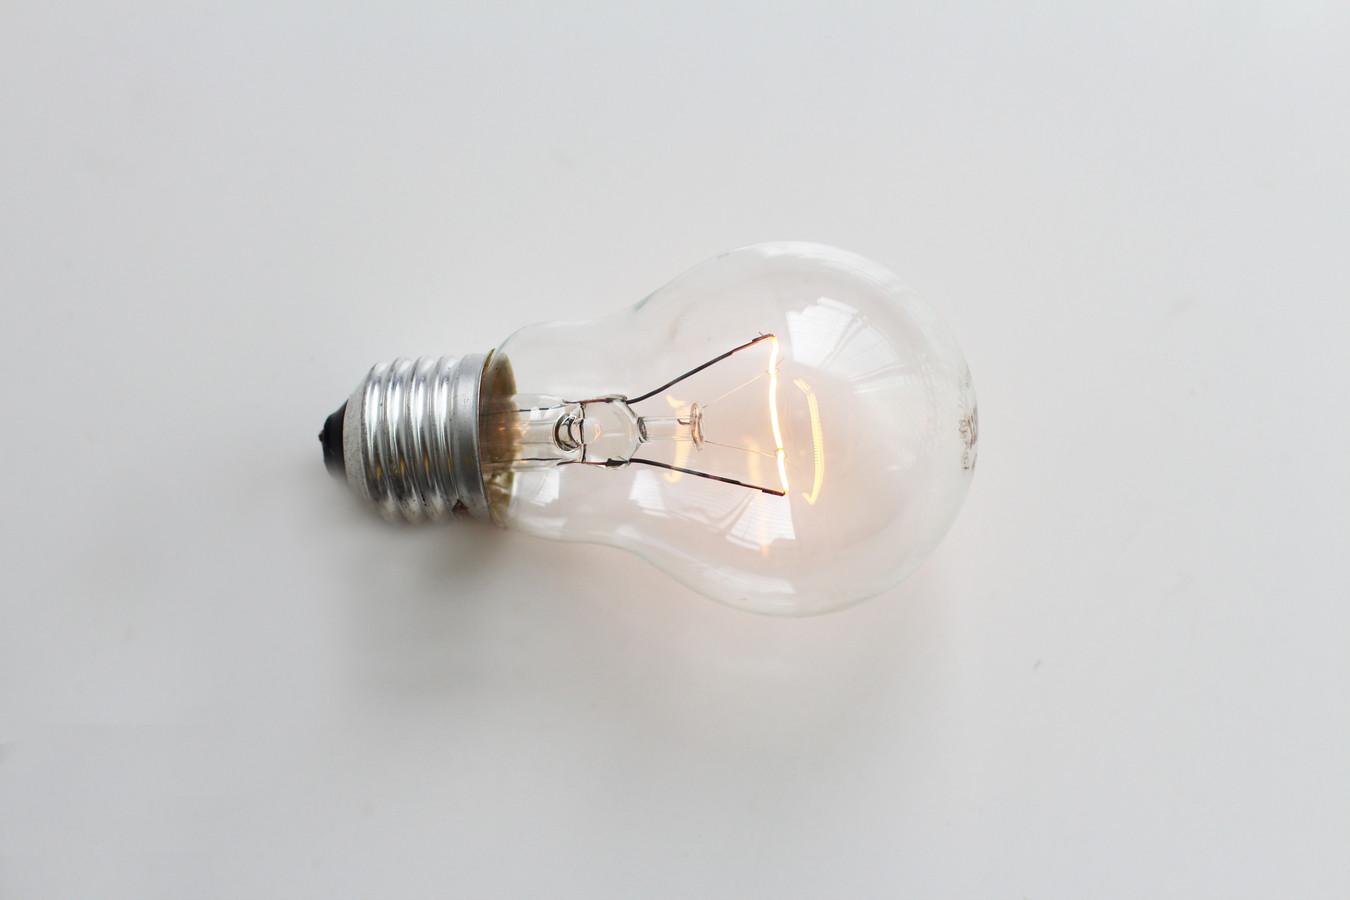 Les fournisseurs d'énergie coopératifs